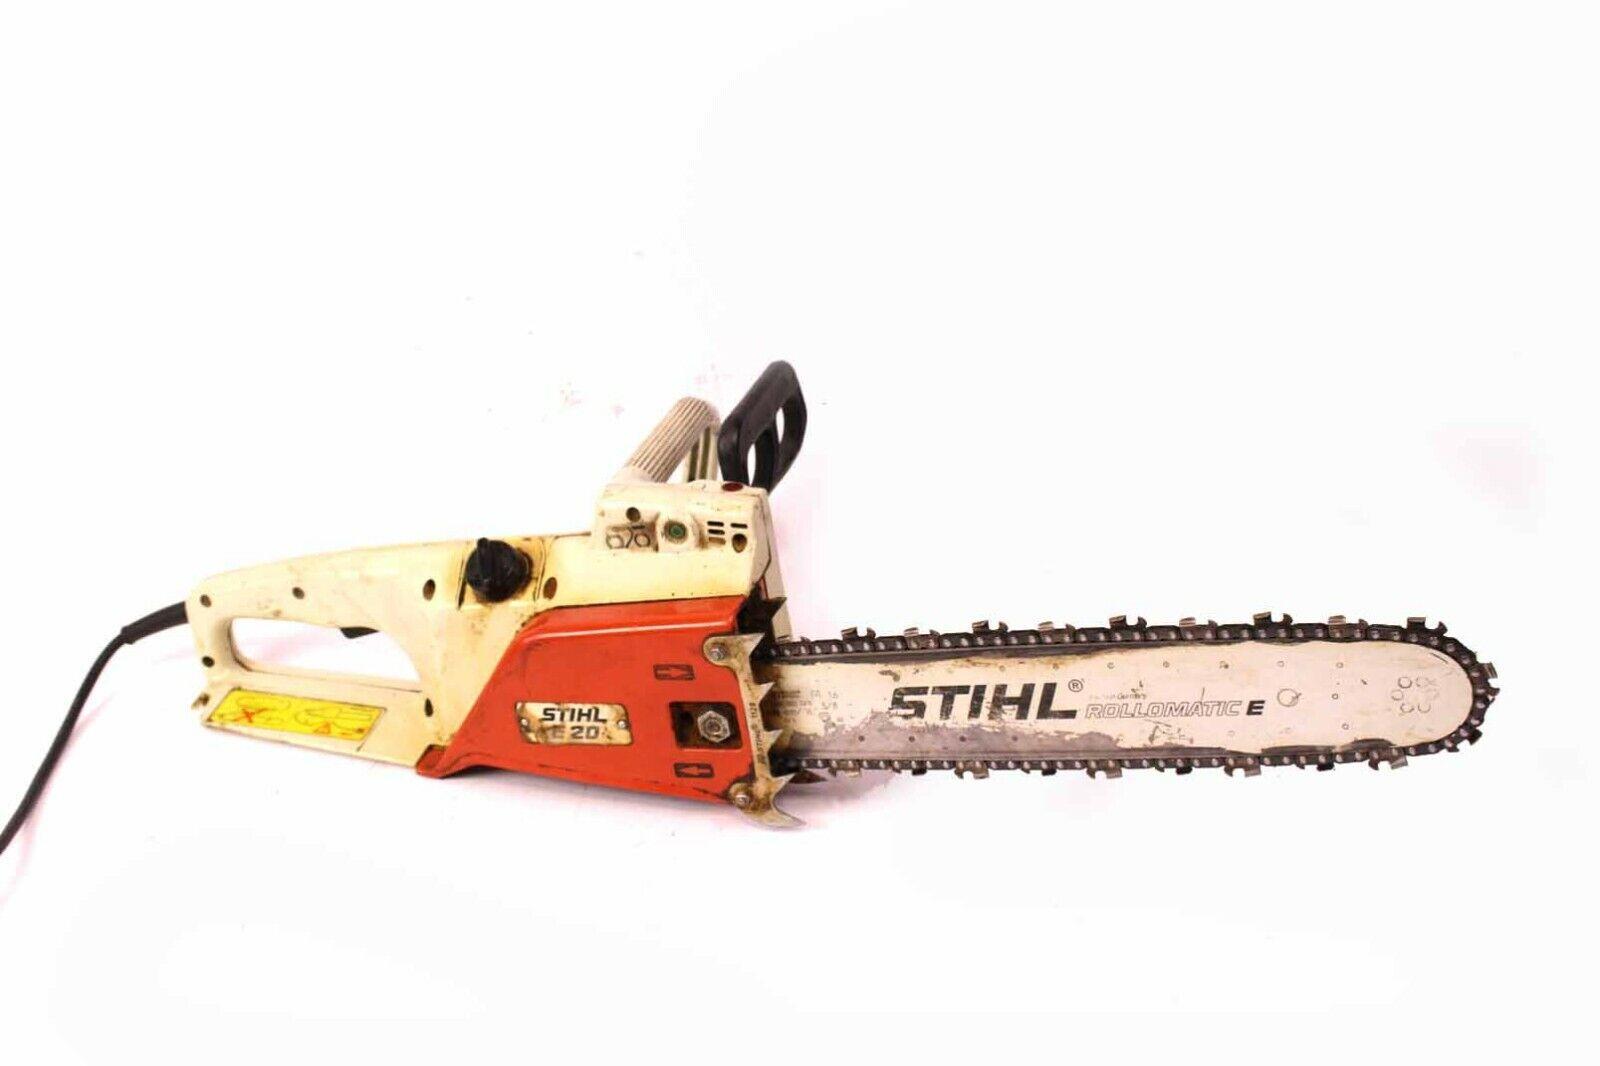 STIHL E20 Elektrosäge Motorkettensäge 39 cm Schwert Motorsäge 2000 W